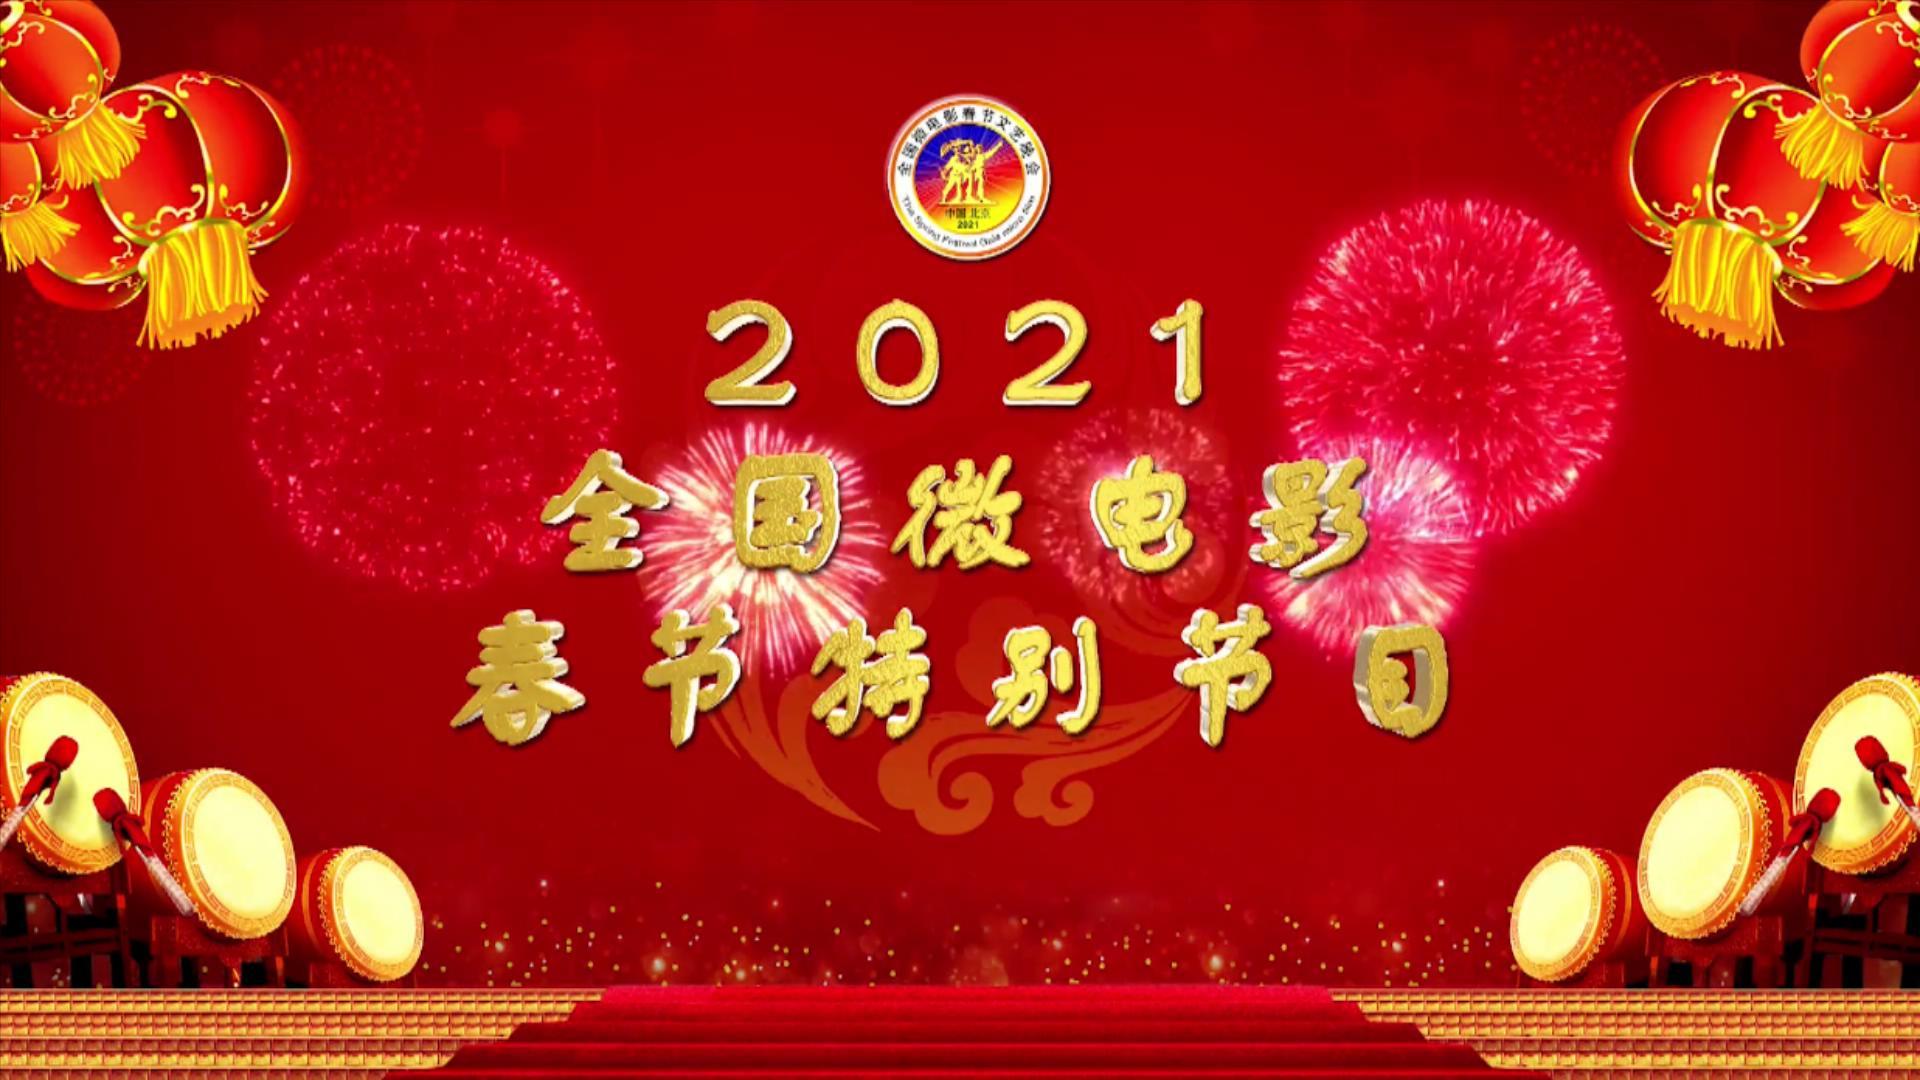 2021全国微电影春节特别节目